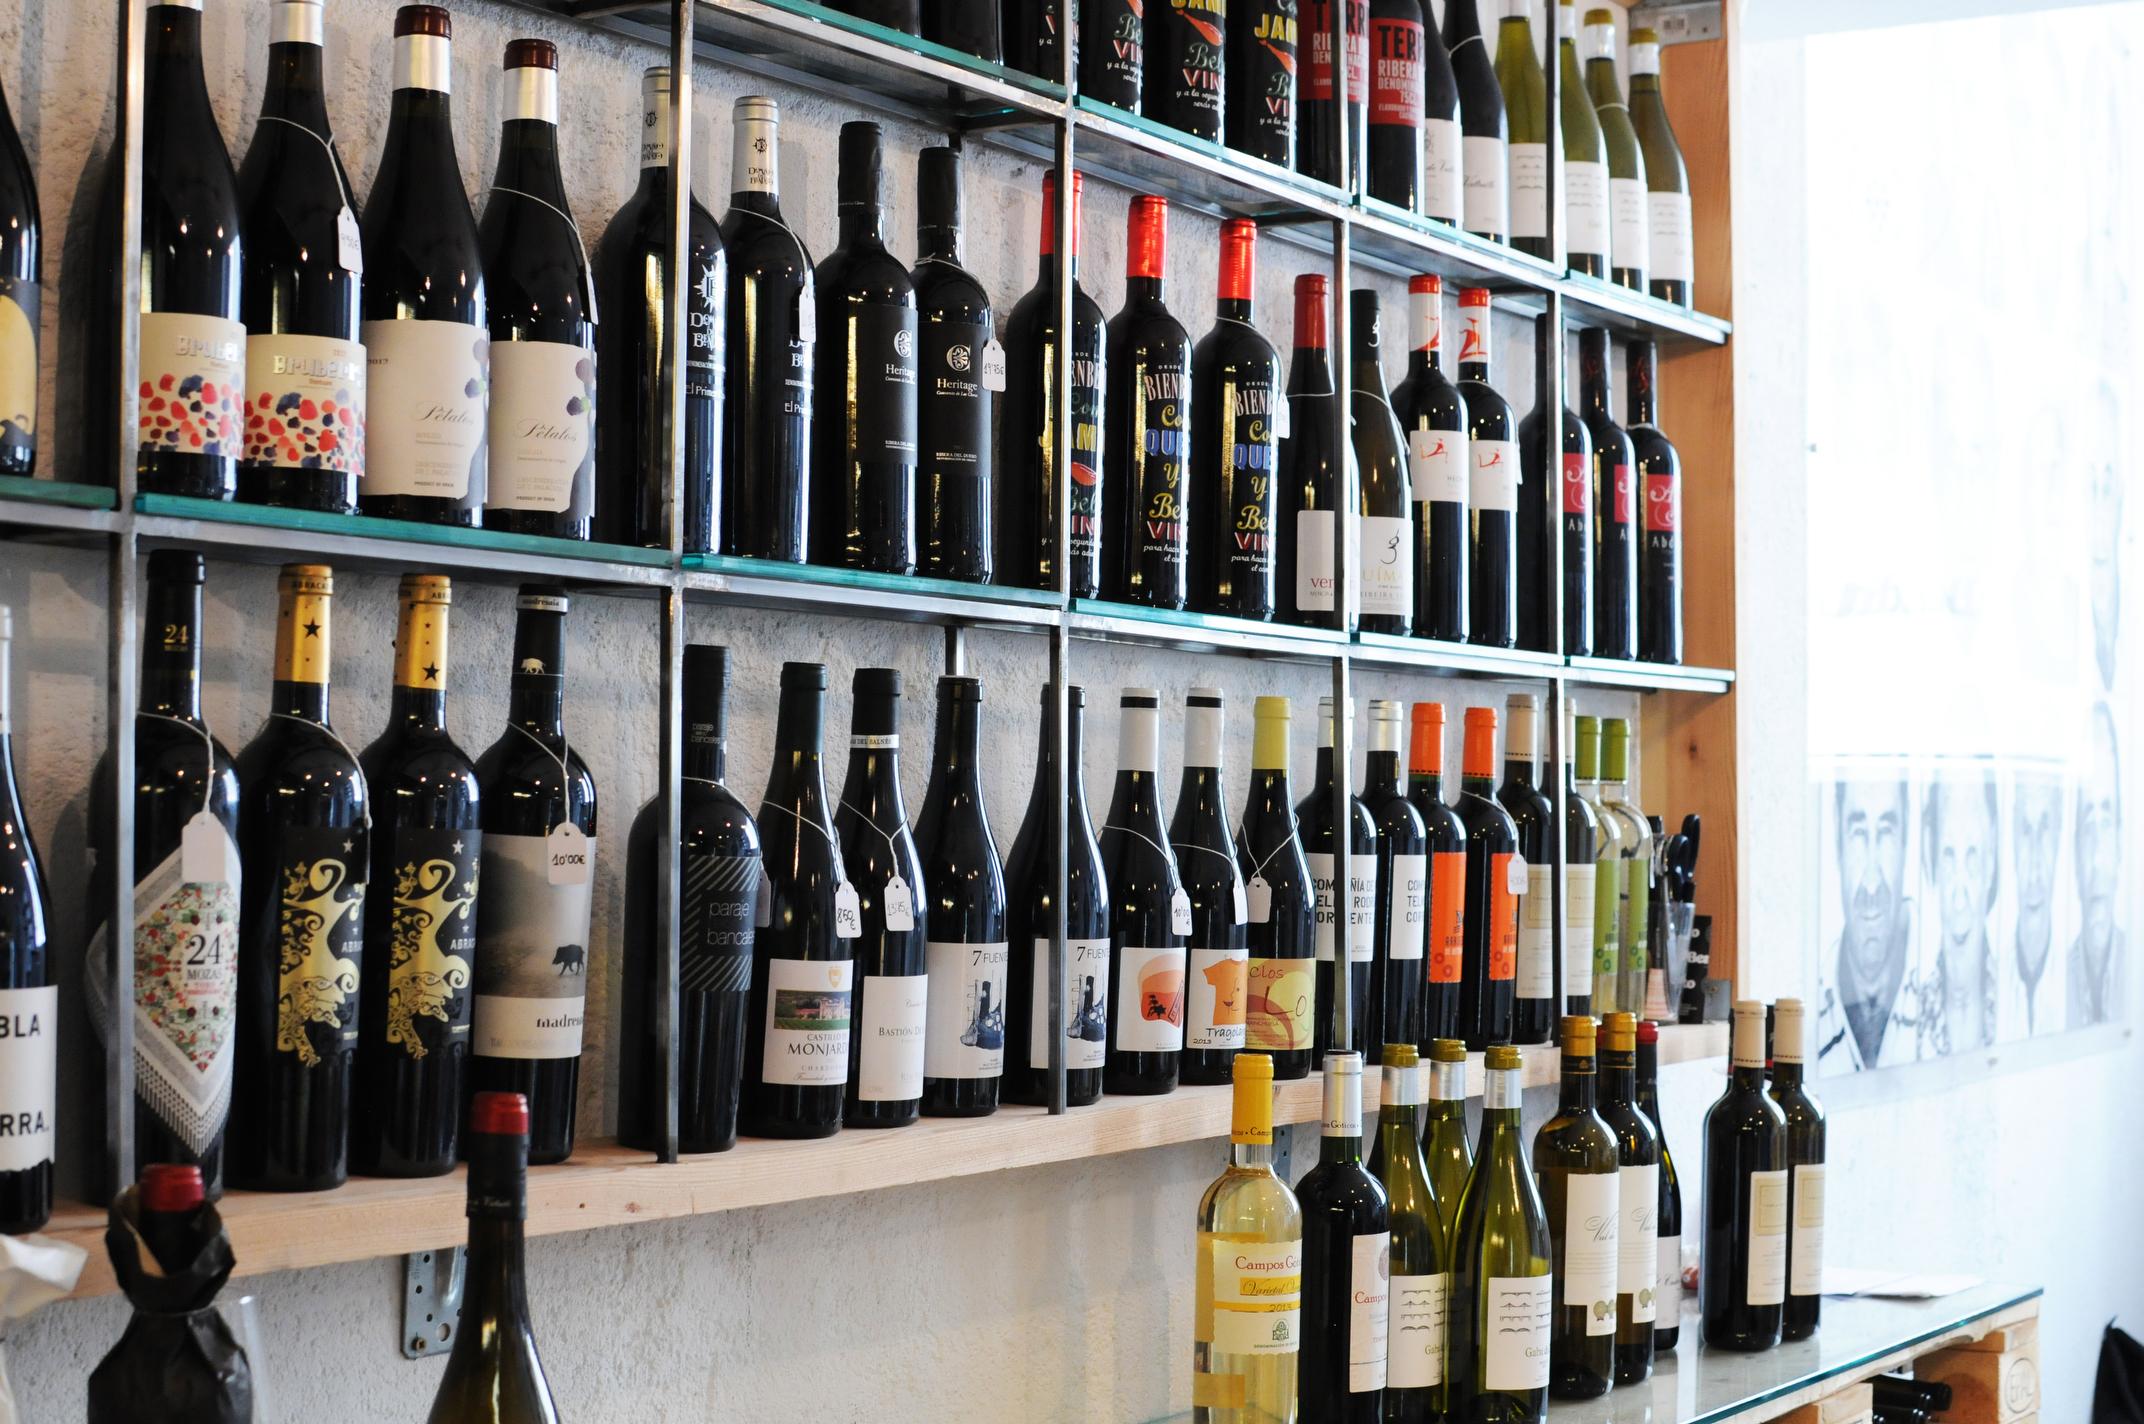 Mejores puestos comer mercados Madrid - Bendito Vinos y vinilos